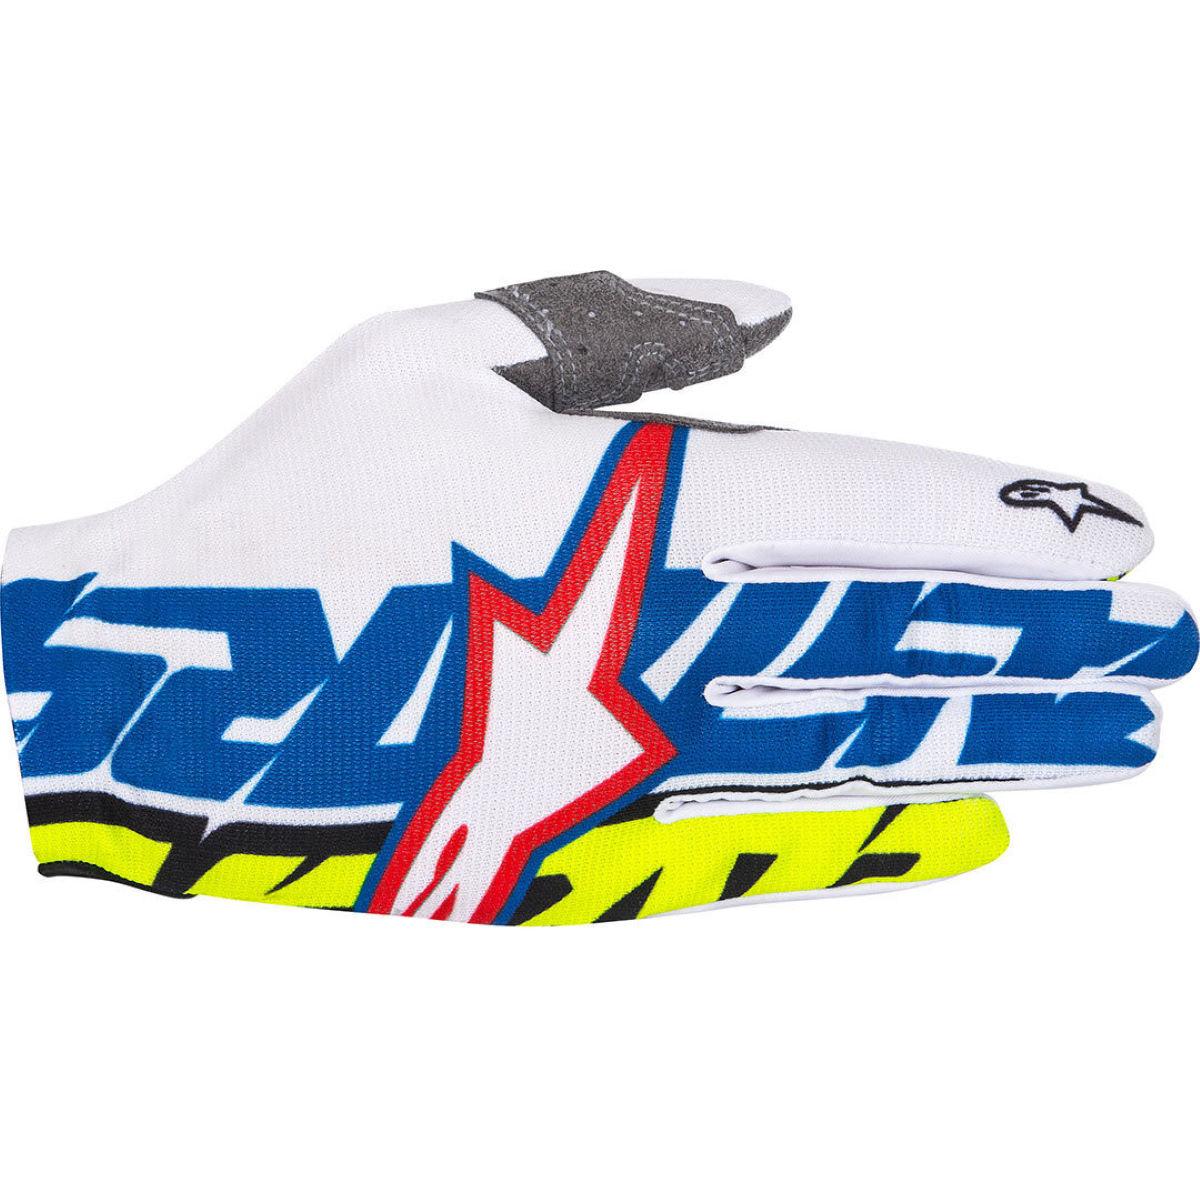 Rękawiczki rowerowe MTB Enduro XC Alpinestars Rover, Predator i Youth F-Lite od 6,20€ + wysylka od 3,05€ @Wiggle